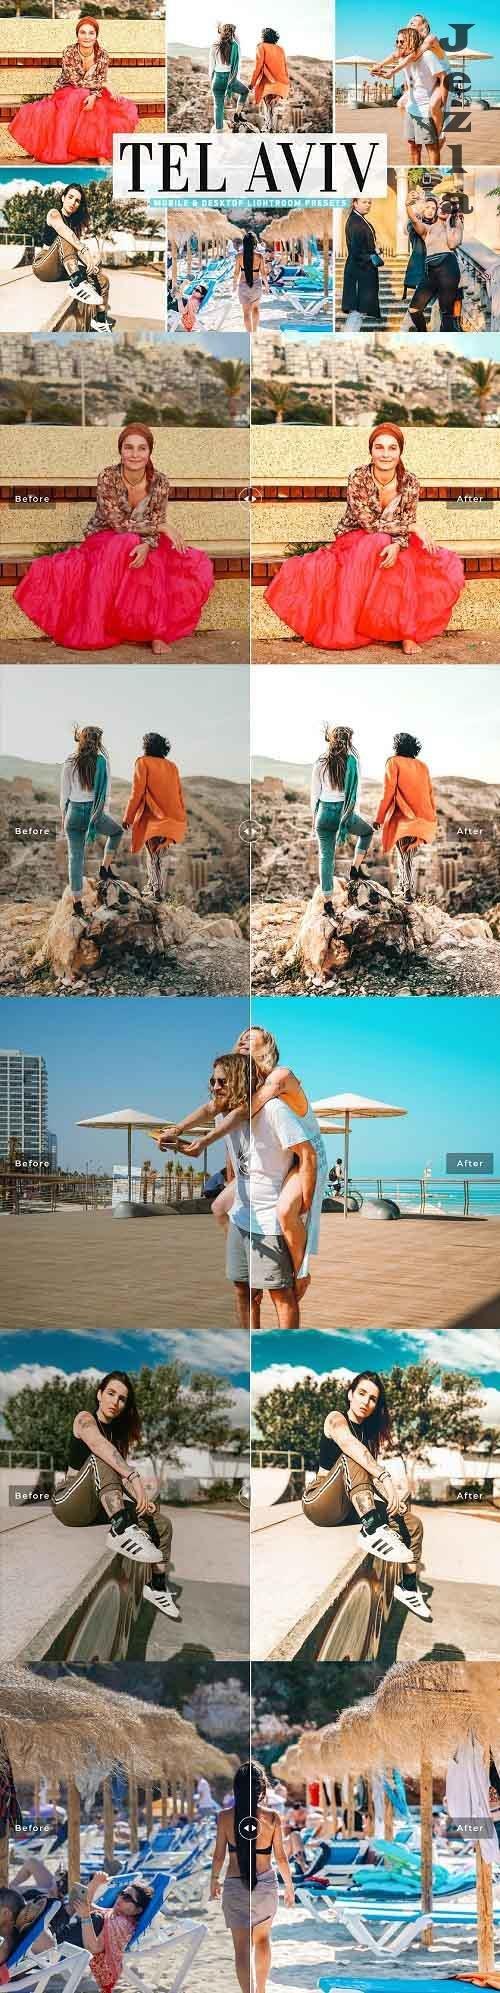 Tel Aviv Pro Lightroom Presets - 5478012 - Mobile & Desktop